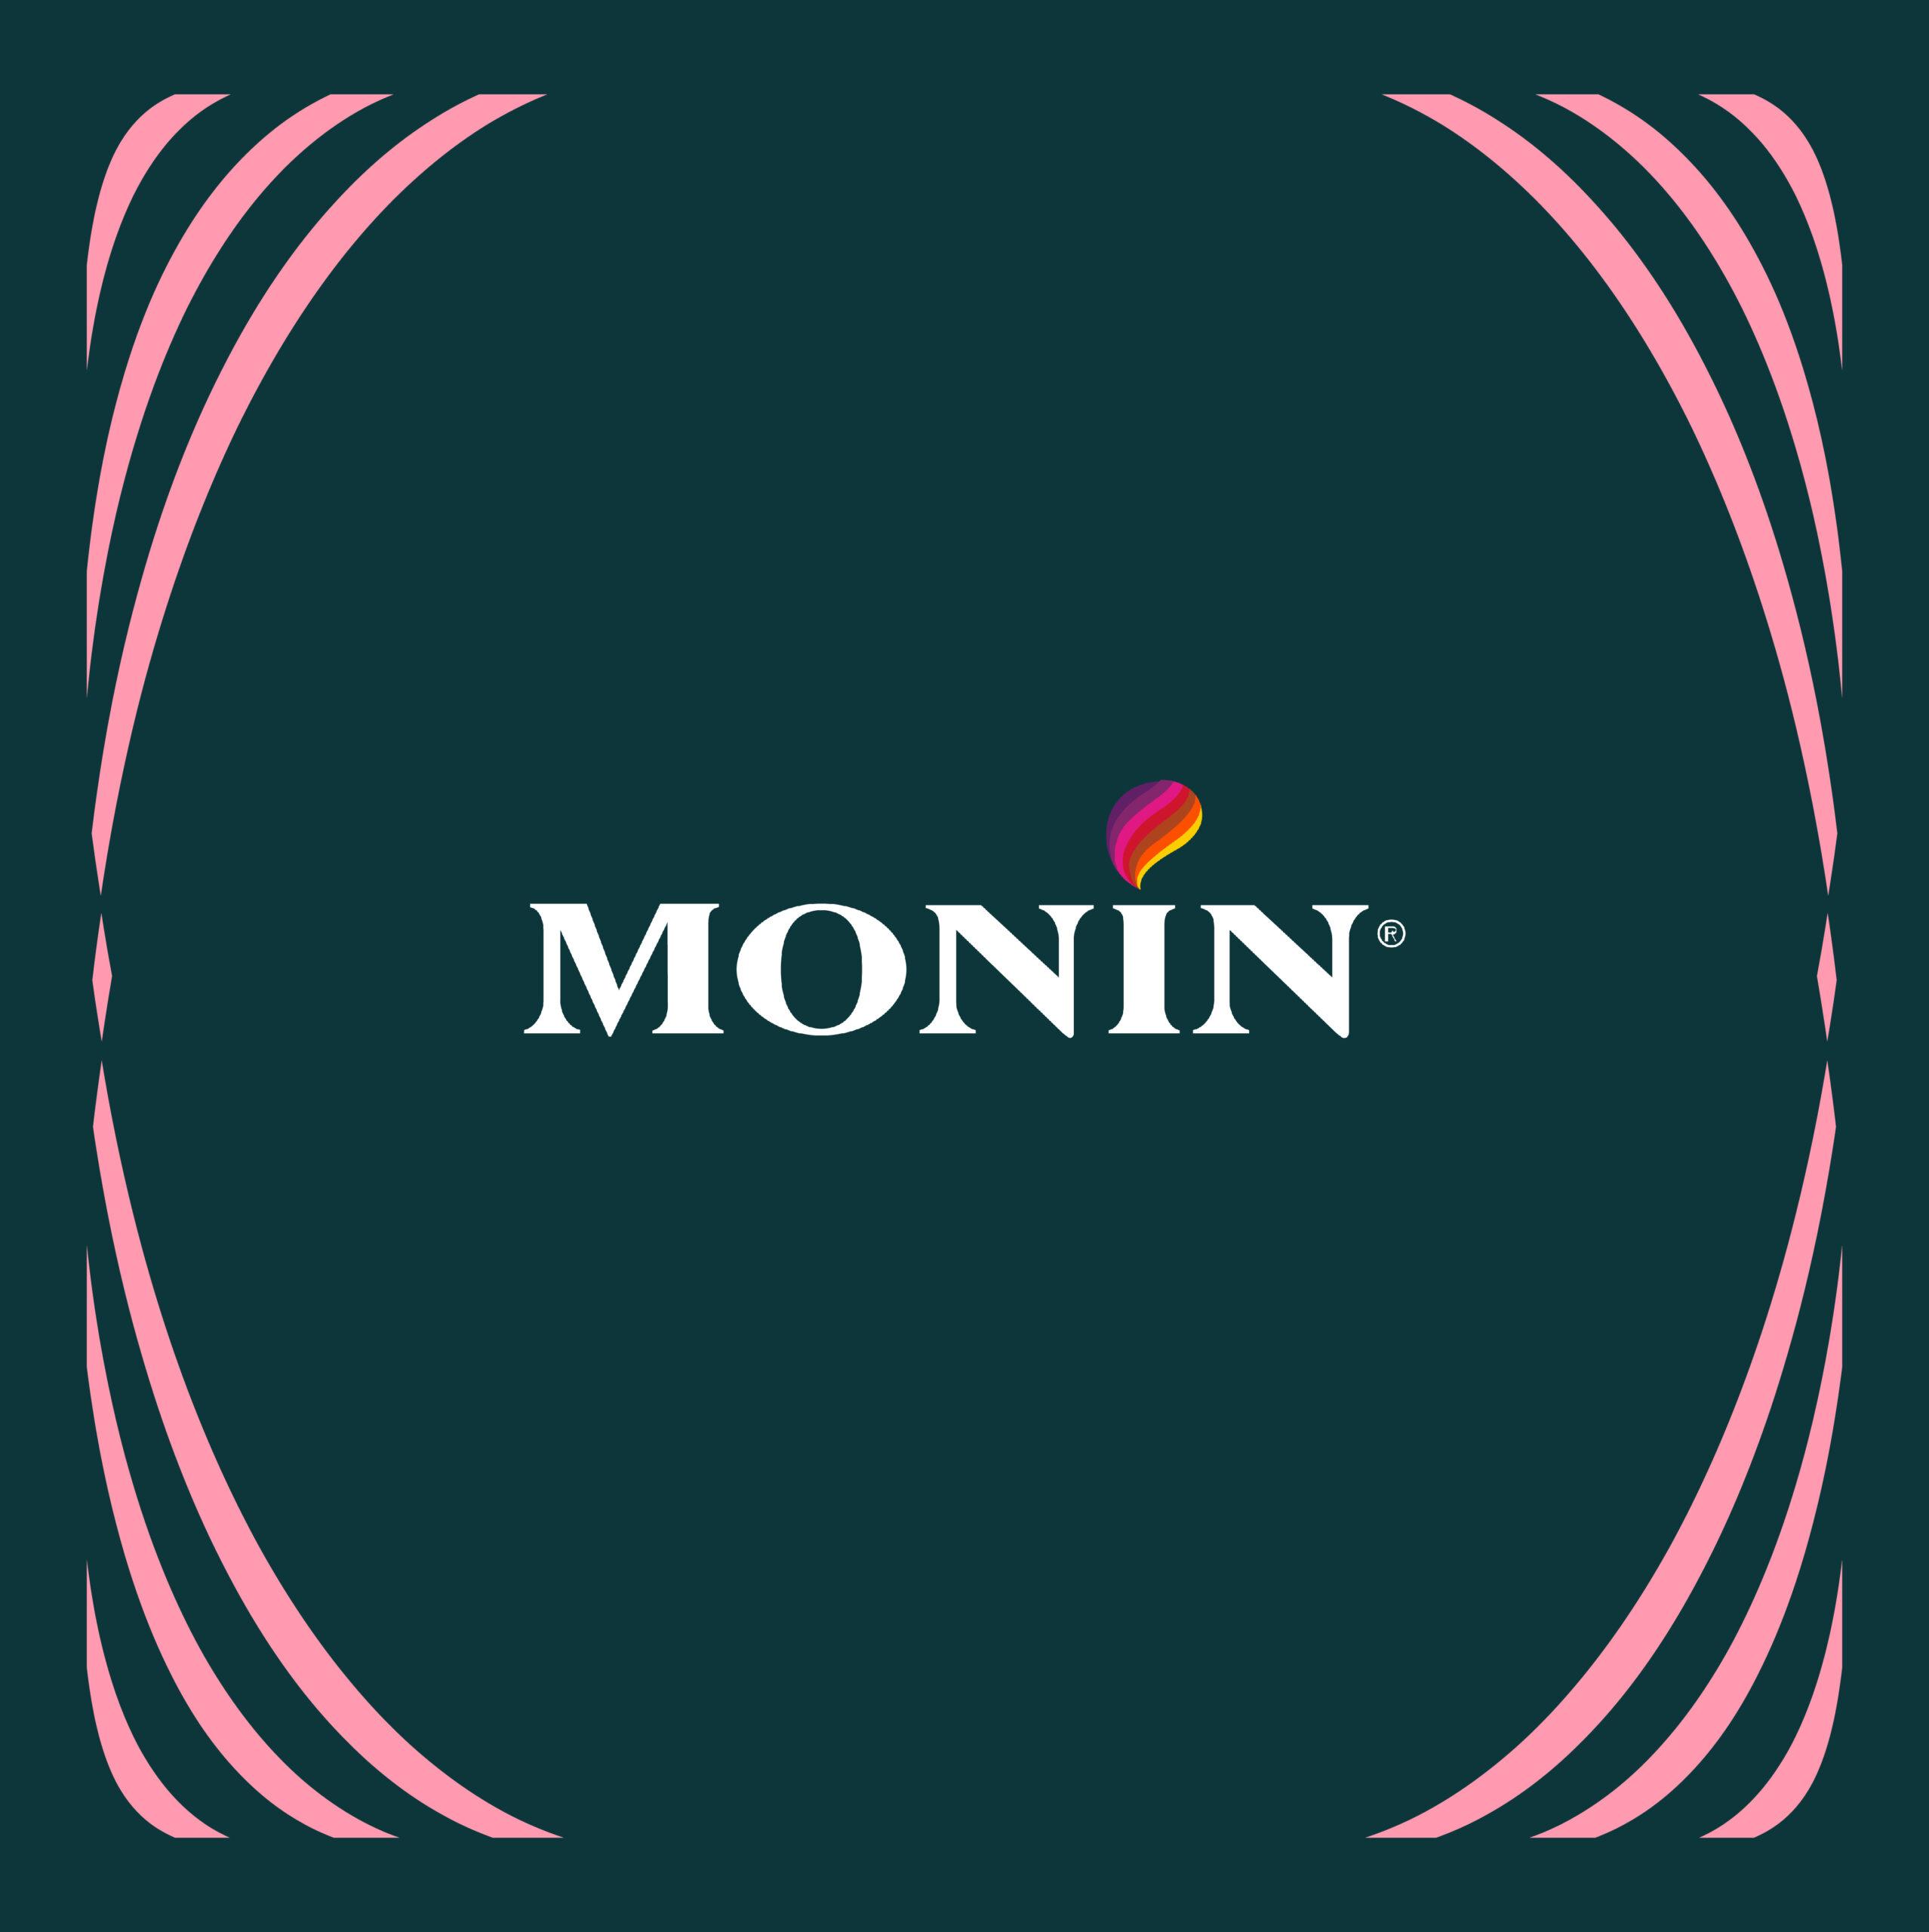 monin_TlnCW_Sponsorid_IG